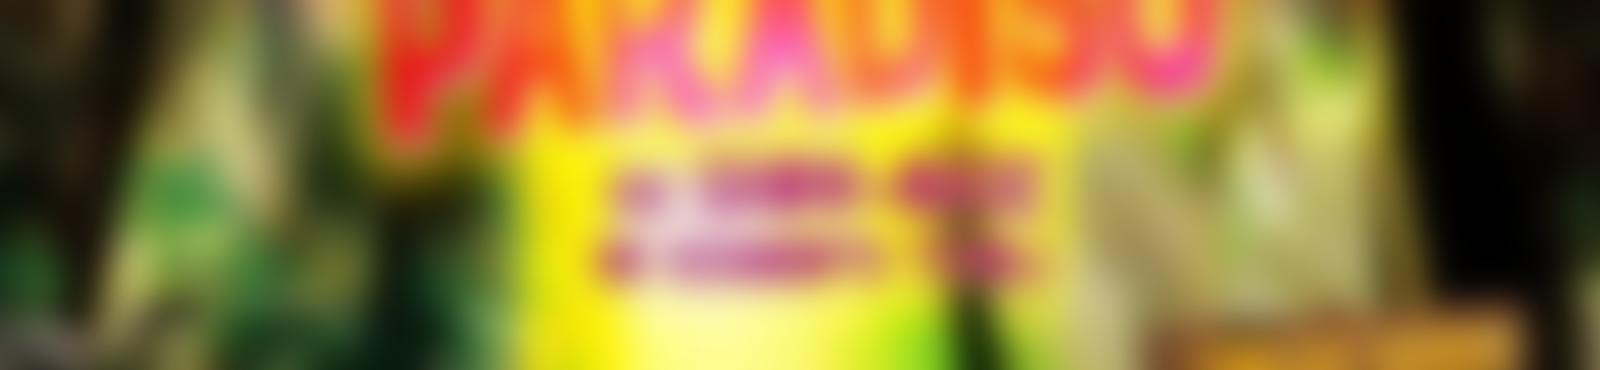 Blurred d8b9c0b0 2b27 4242 8b2f 4b4b52deac08